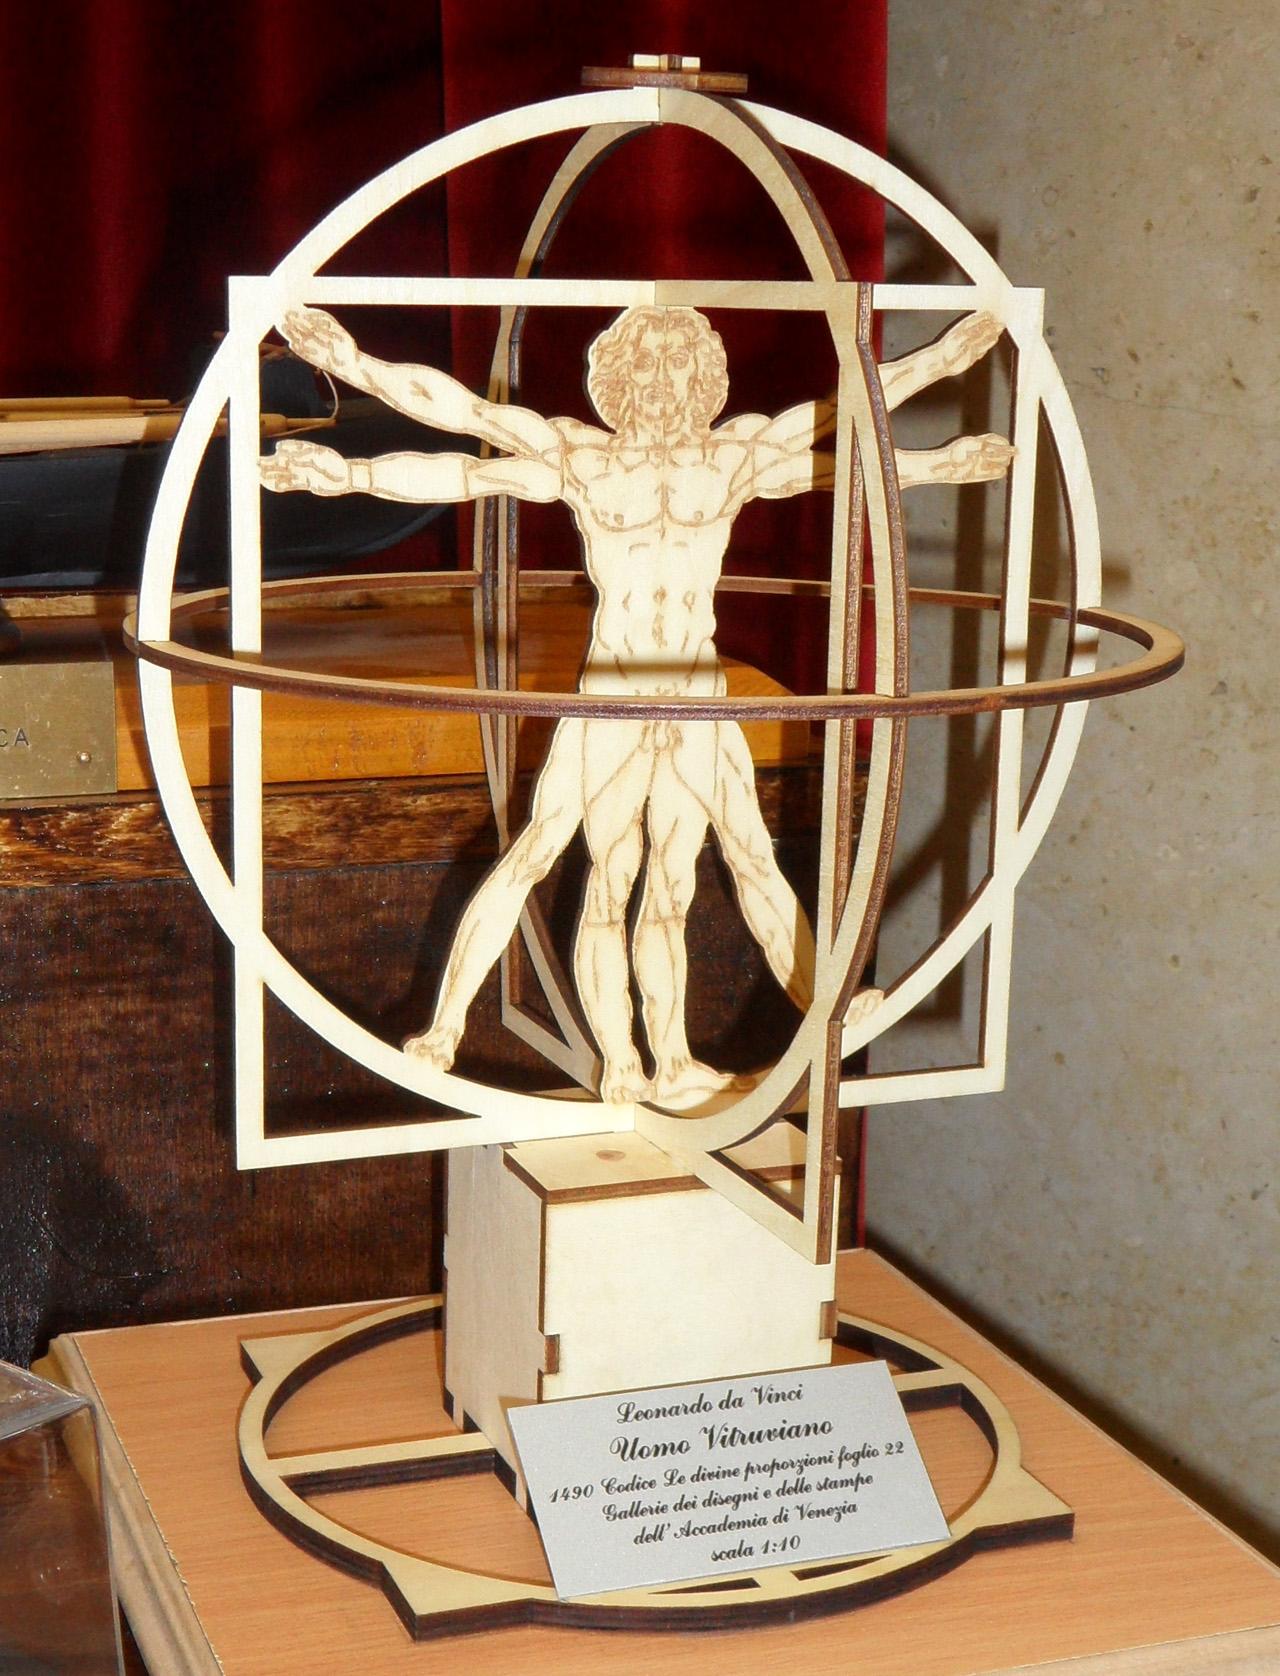 Associazione storici modellisti messinesi for Invenzioni di leonardo da vinci